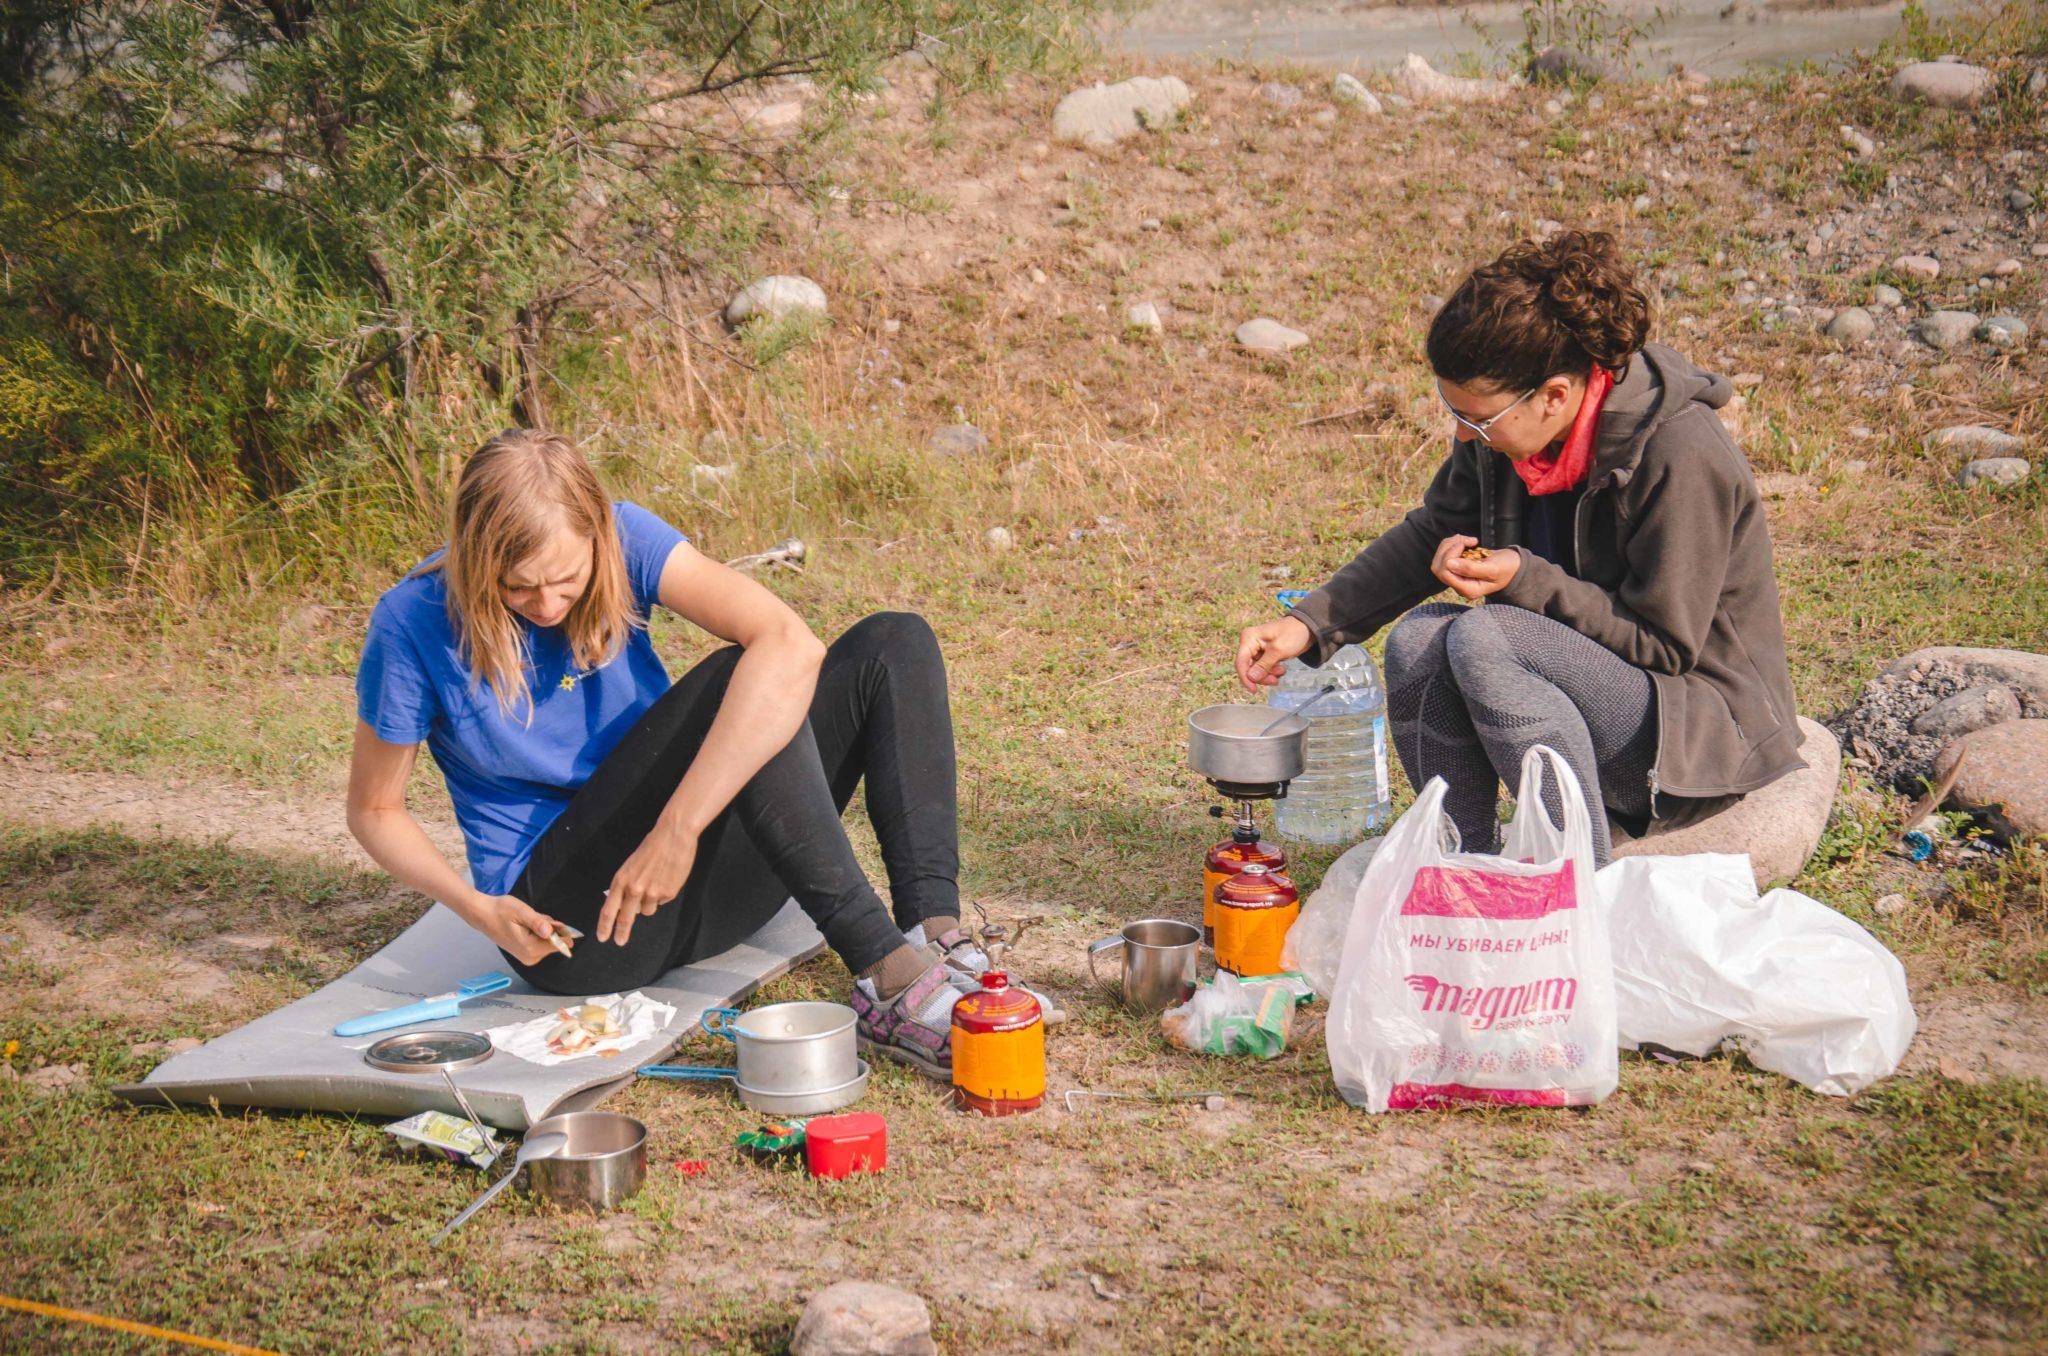 Przygotowanie posiłku w terenie.